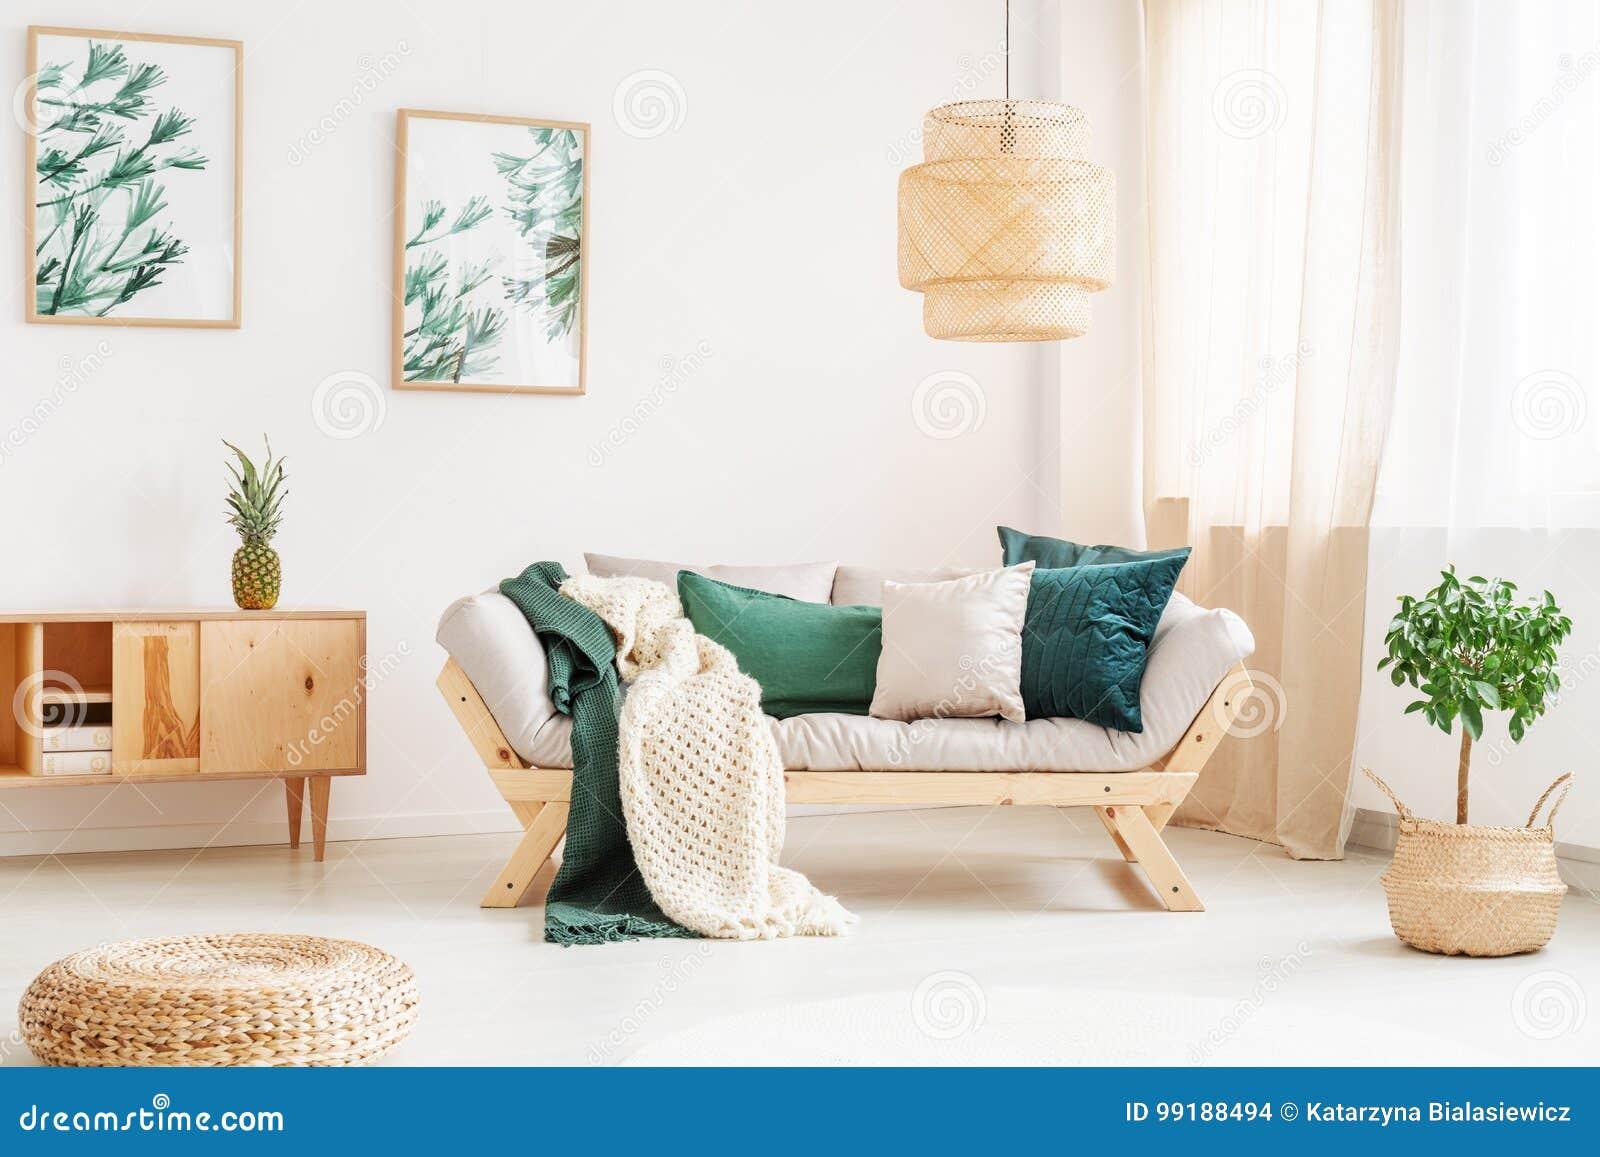 Entspannen Sie Sich Raum Mit Puff Stockfoto Bild Von Wohnung Cozy